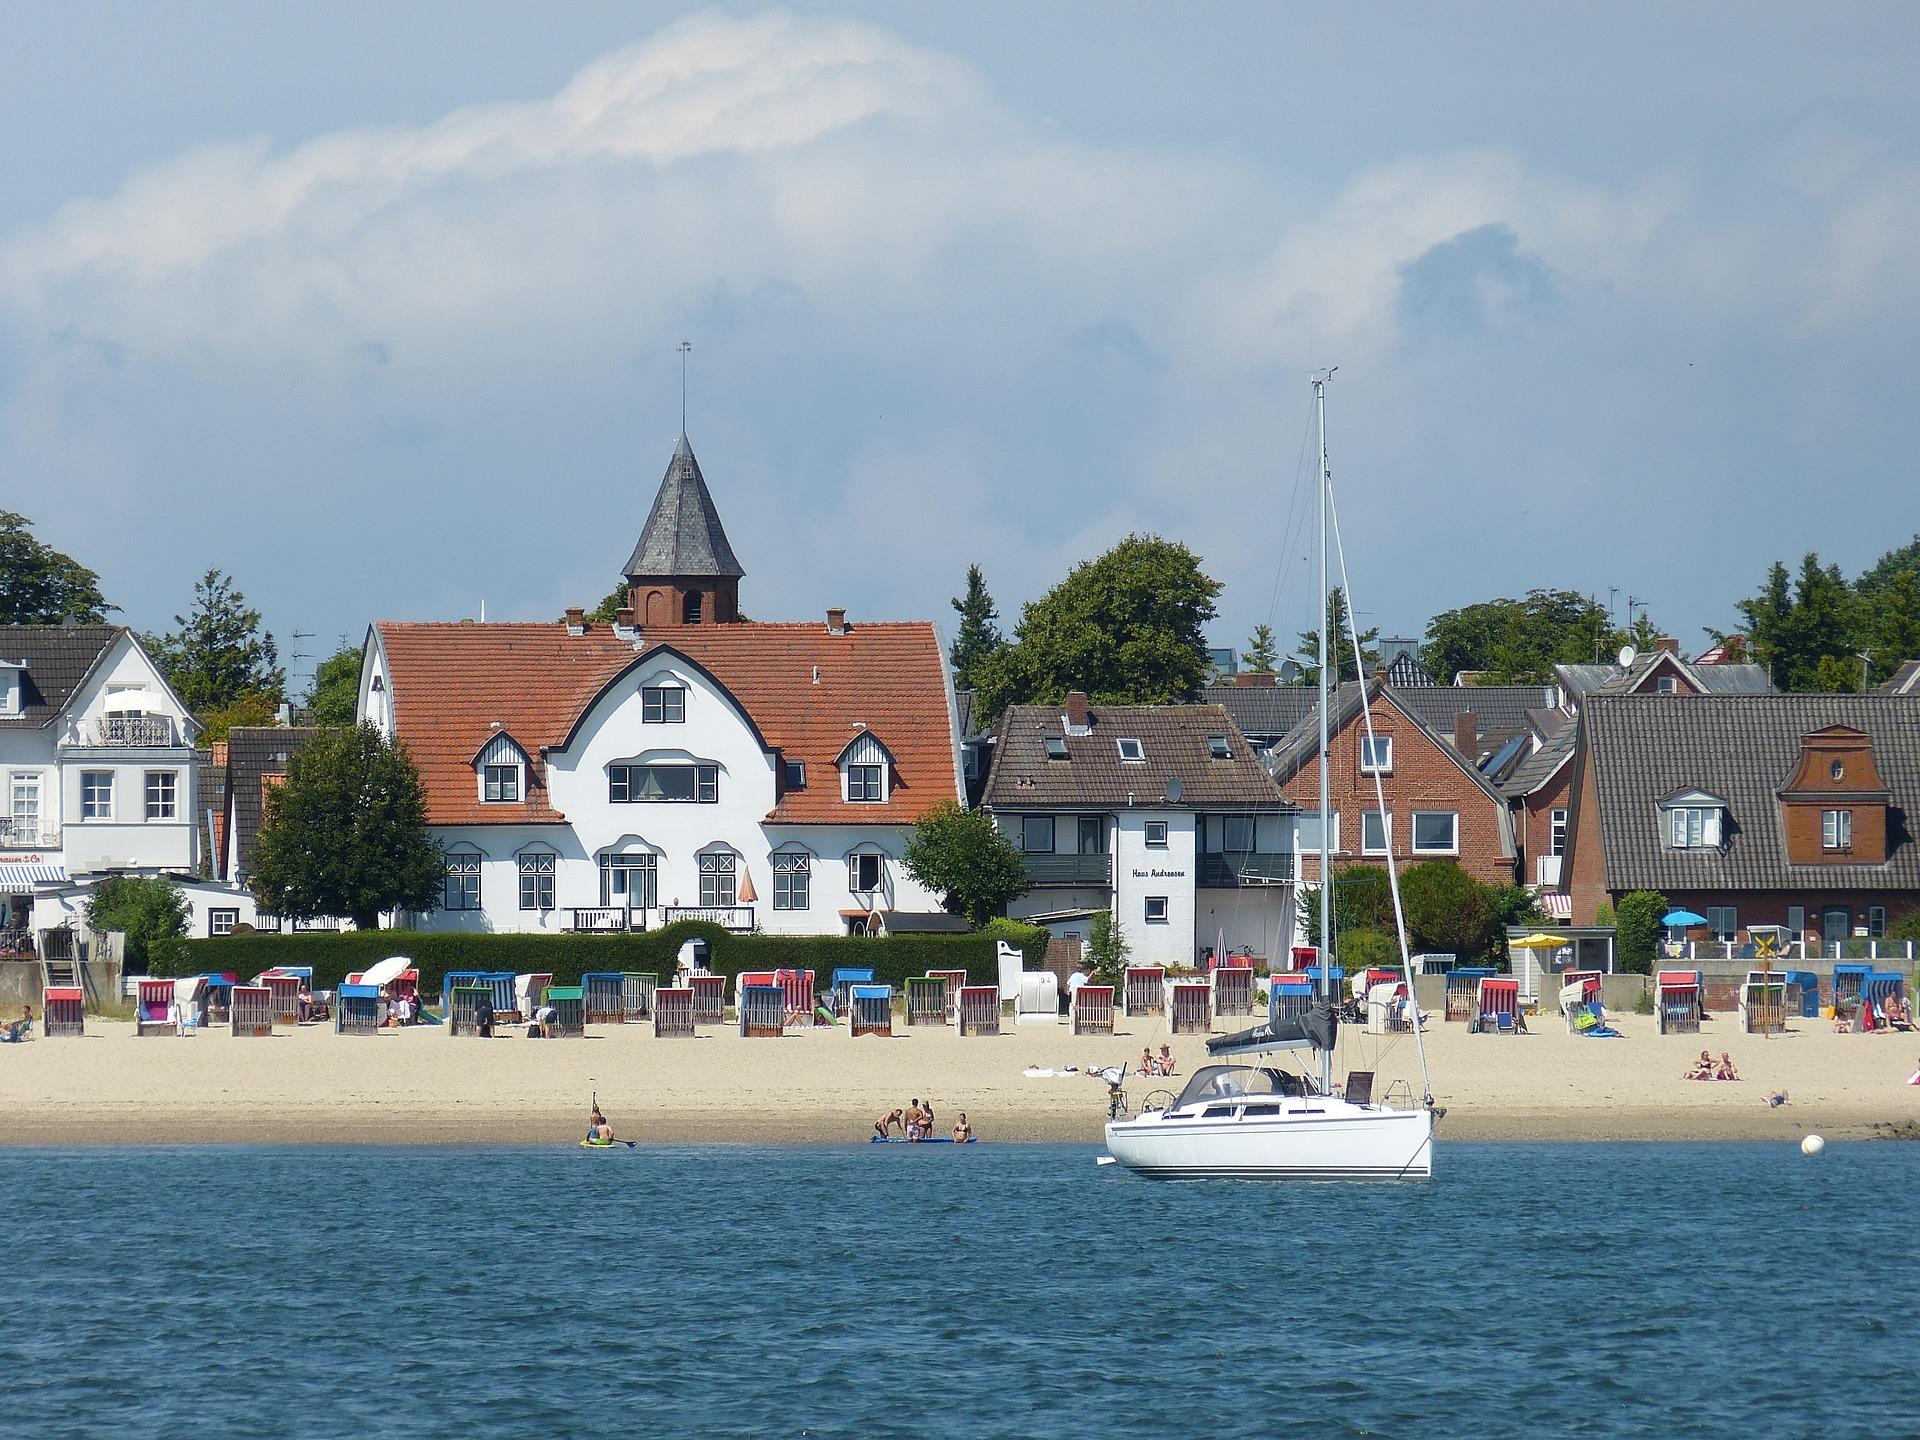 Vor Ort werden zahlreiche Bootstouren Angeboten